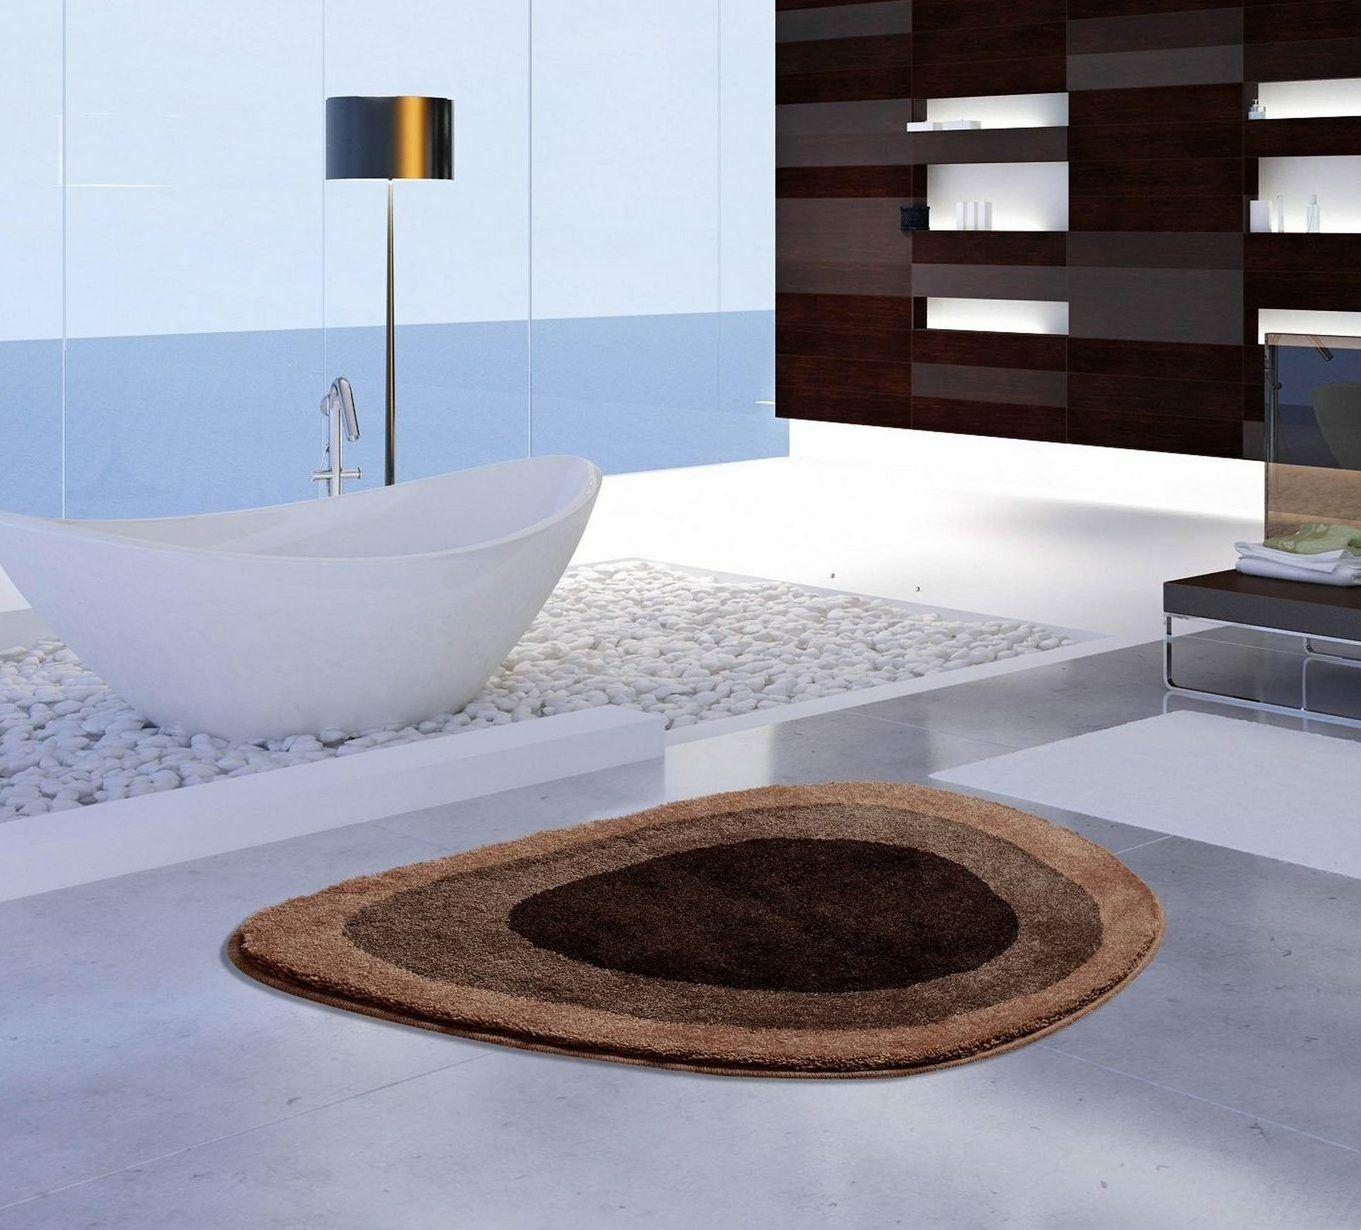 Designer Badezimmer Matte Lake Extrasoft Farbe Braun   3 Größen     | Haben Wir Lob Von Kunden Gewonnen